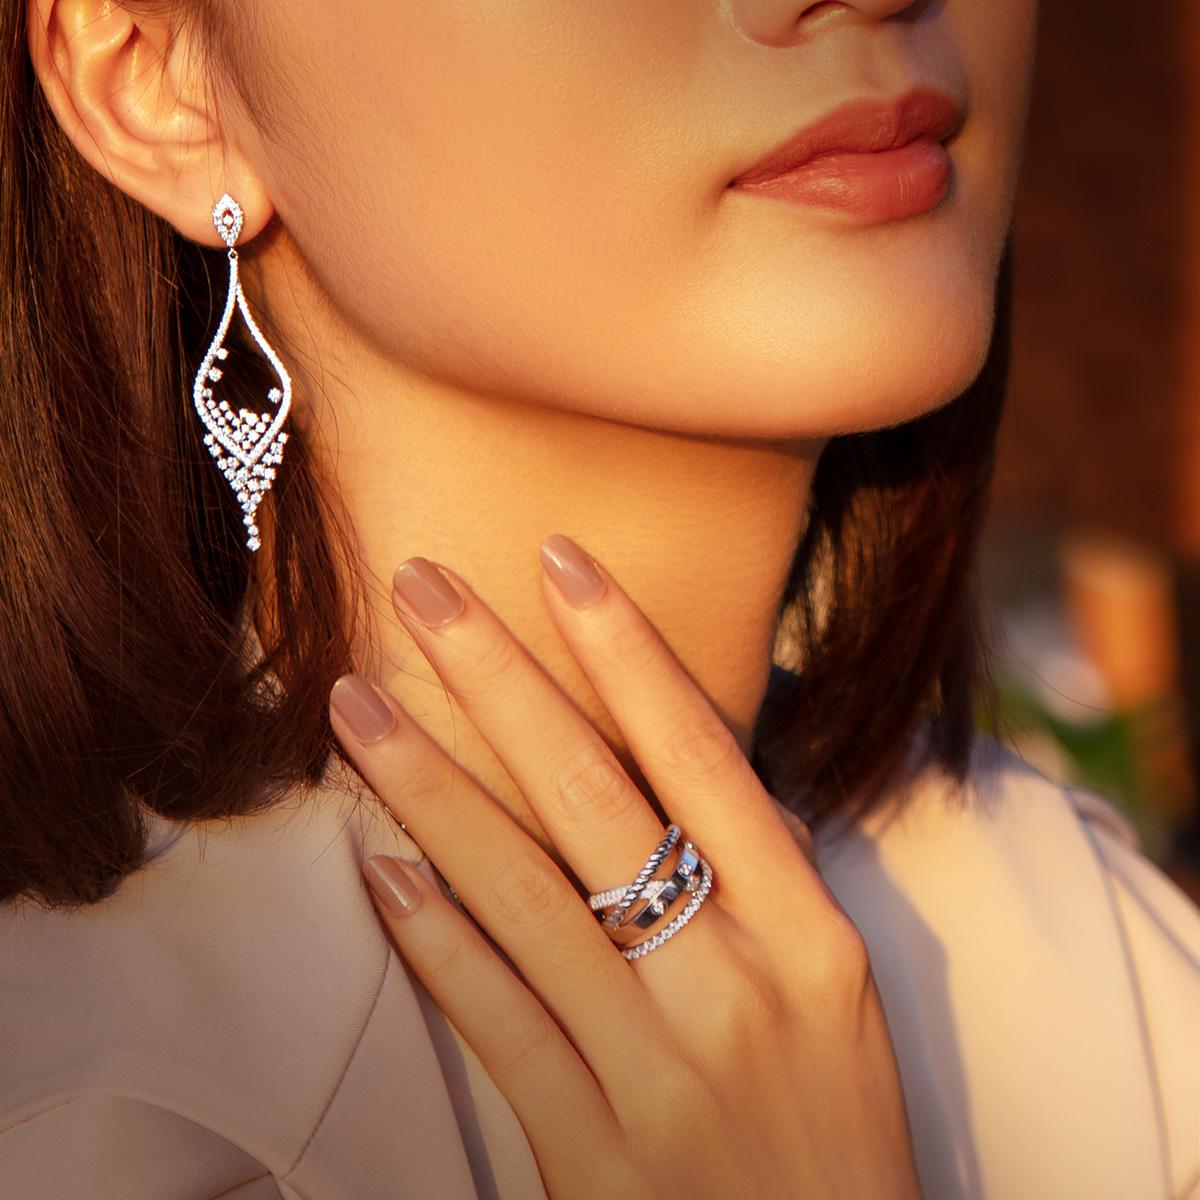 Kim cương tinh chọn kết hợp vàng trắng 18K tôn vẻ đẹp của quý cô hiện đại, phù hợp với nhiều phong cách ngày xuân, giúp chị em tự tin và sành điệu hơn.